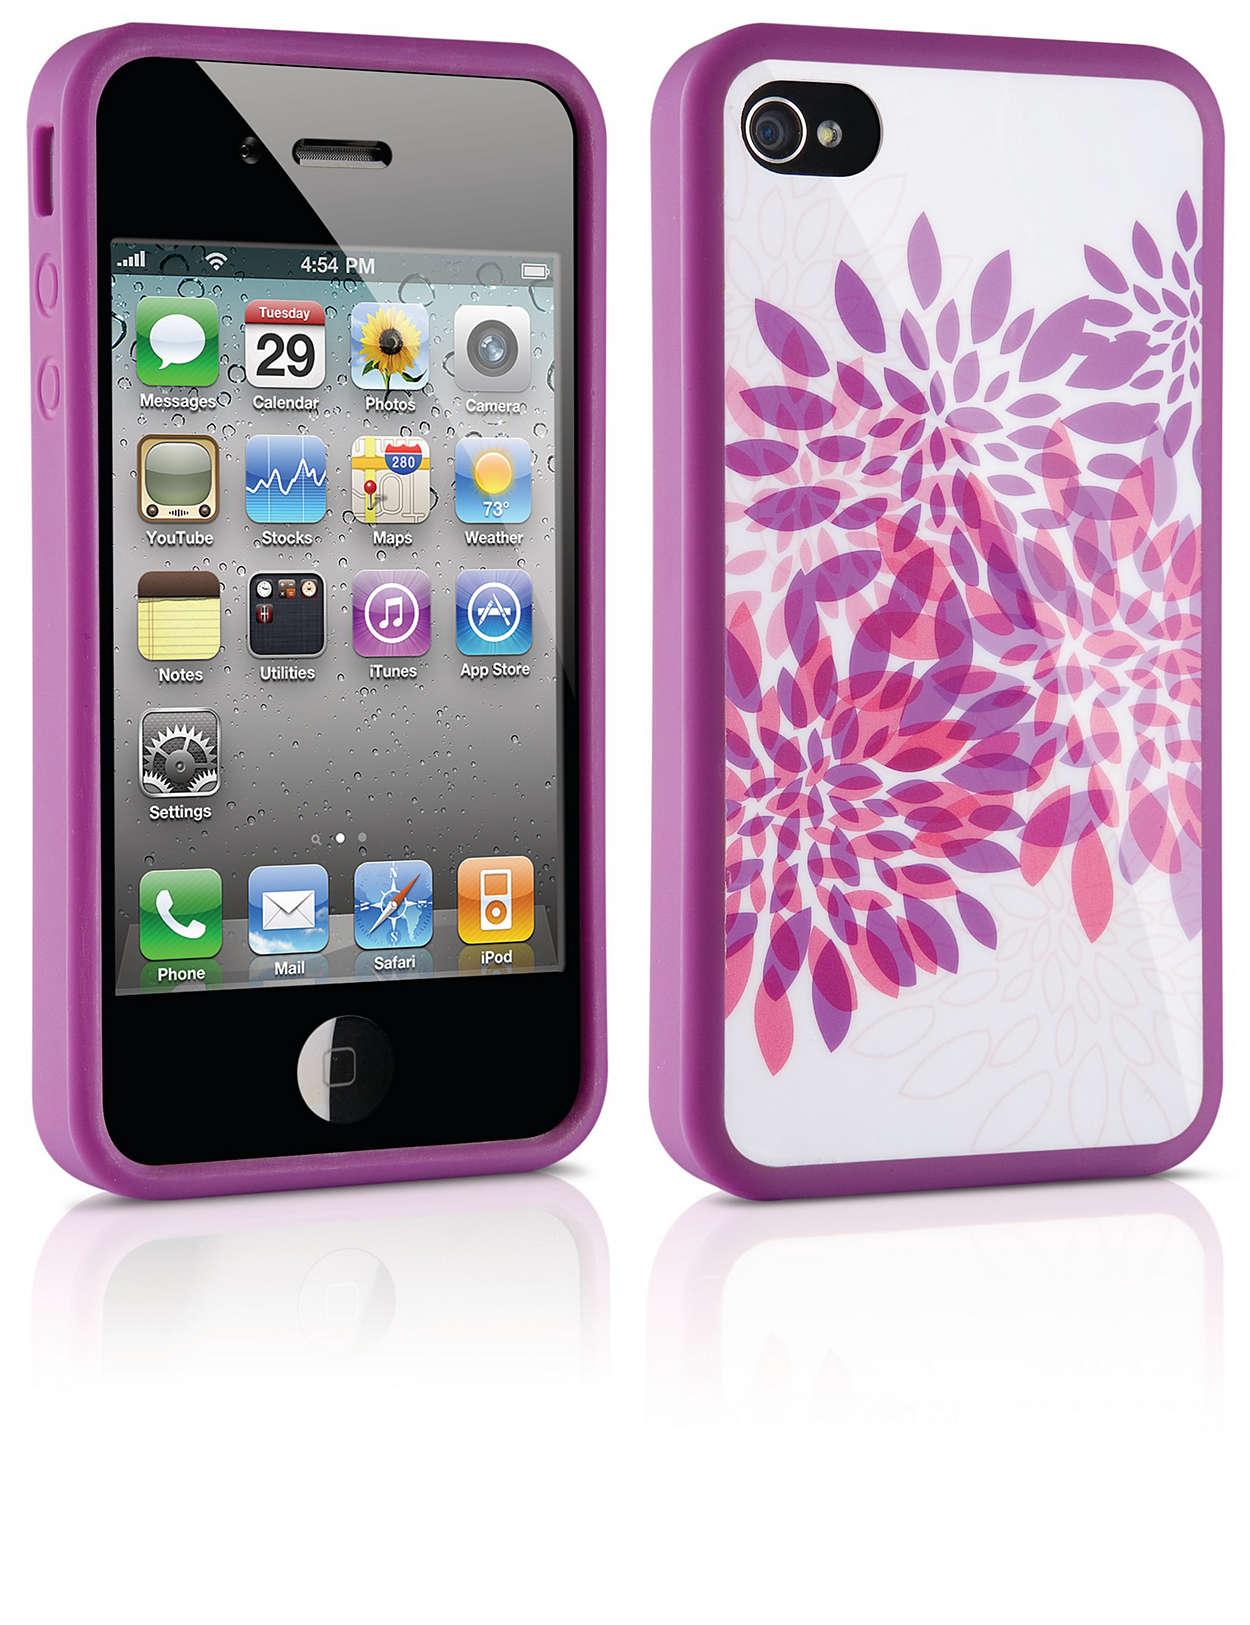 Chroń swój telefon iPhone sztywnym futerałem